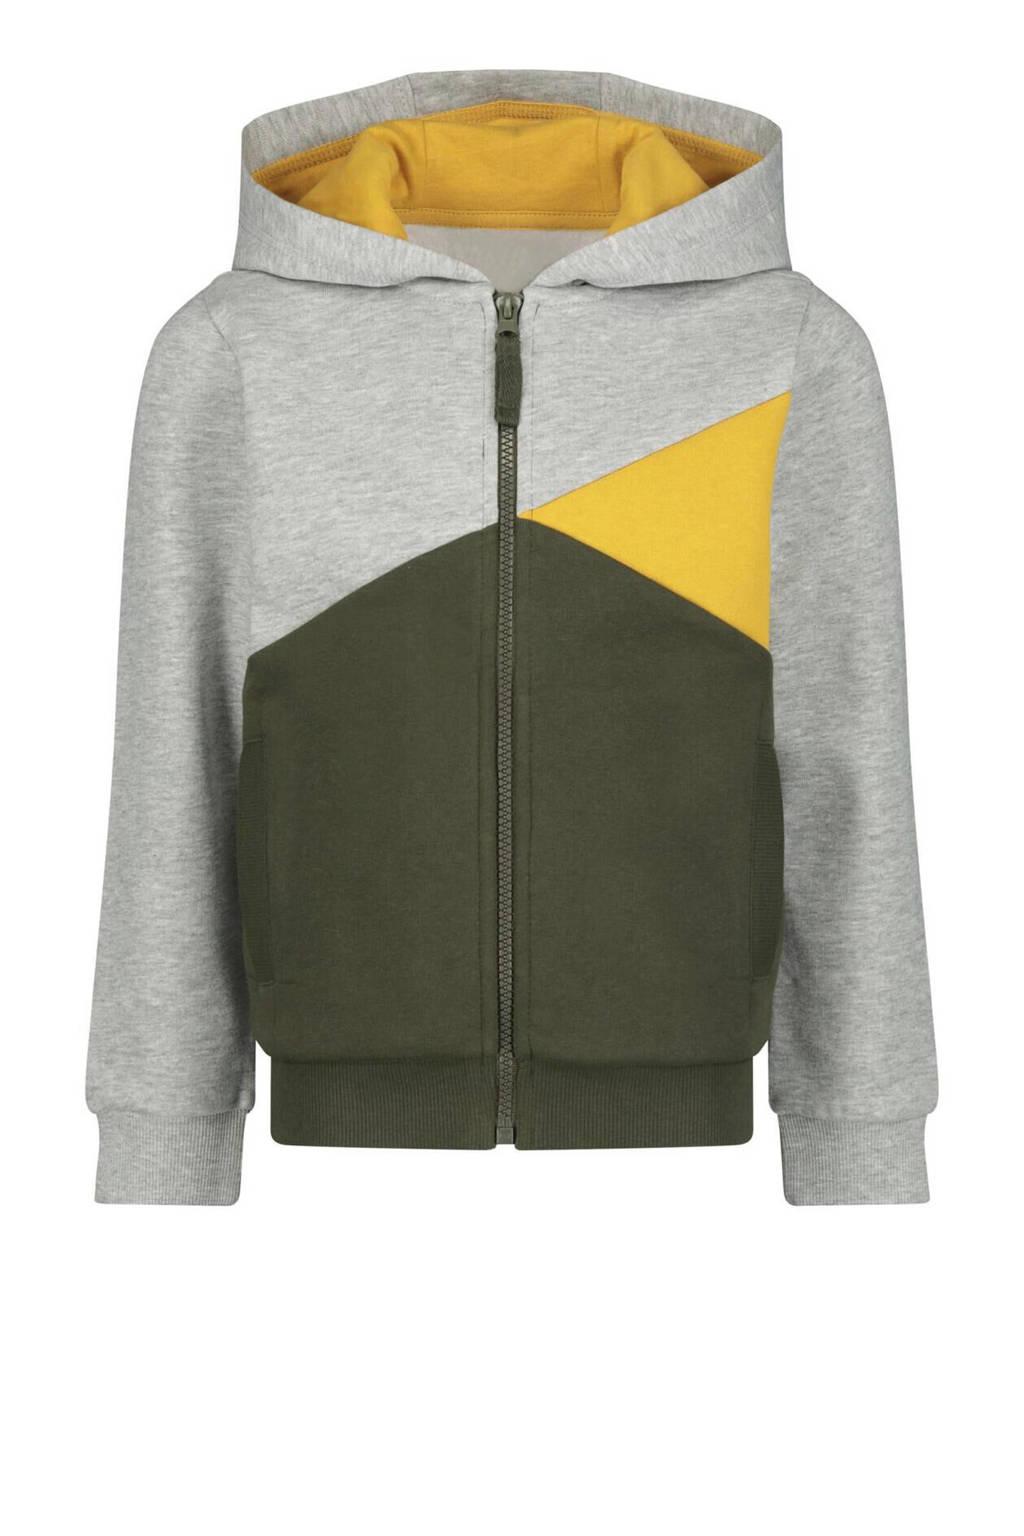 HEMA vest Roy legergroen/grijs/geel, Legergroen/grijs/geel